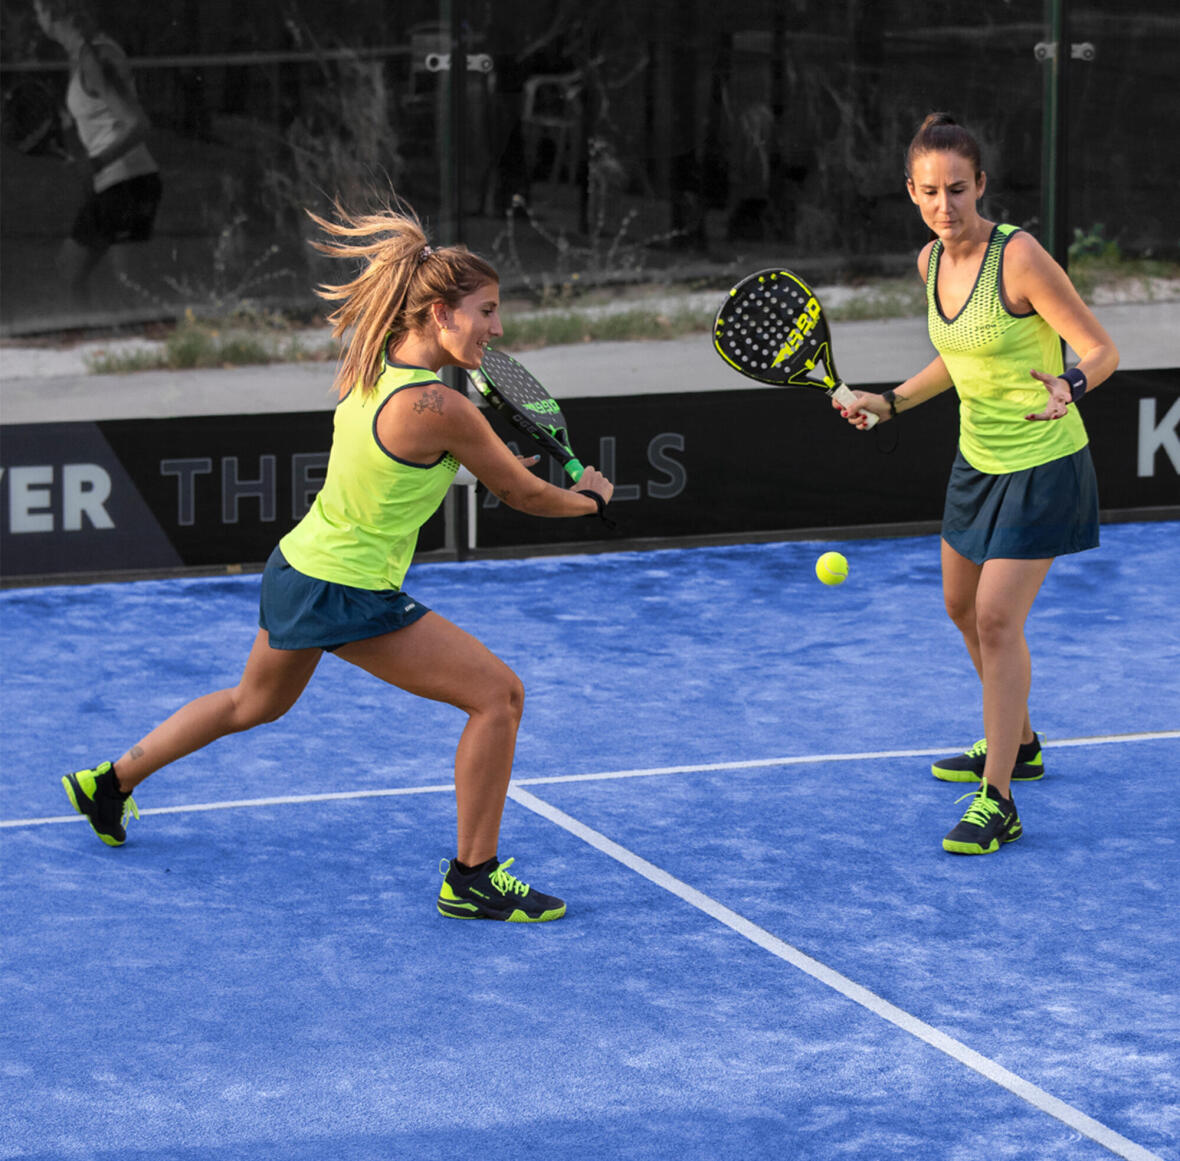 Progresser au tennis : et si vous changiez de raquette ?